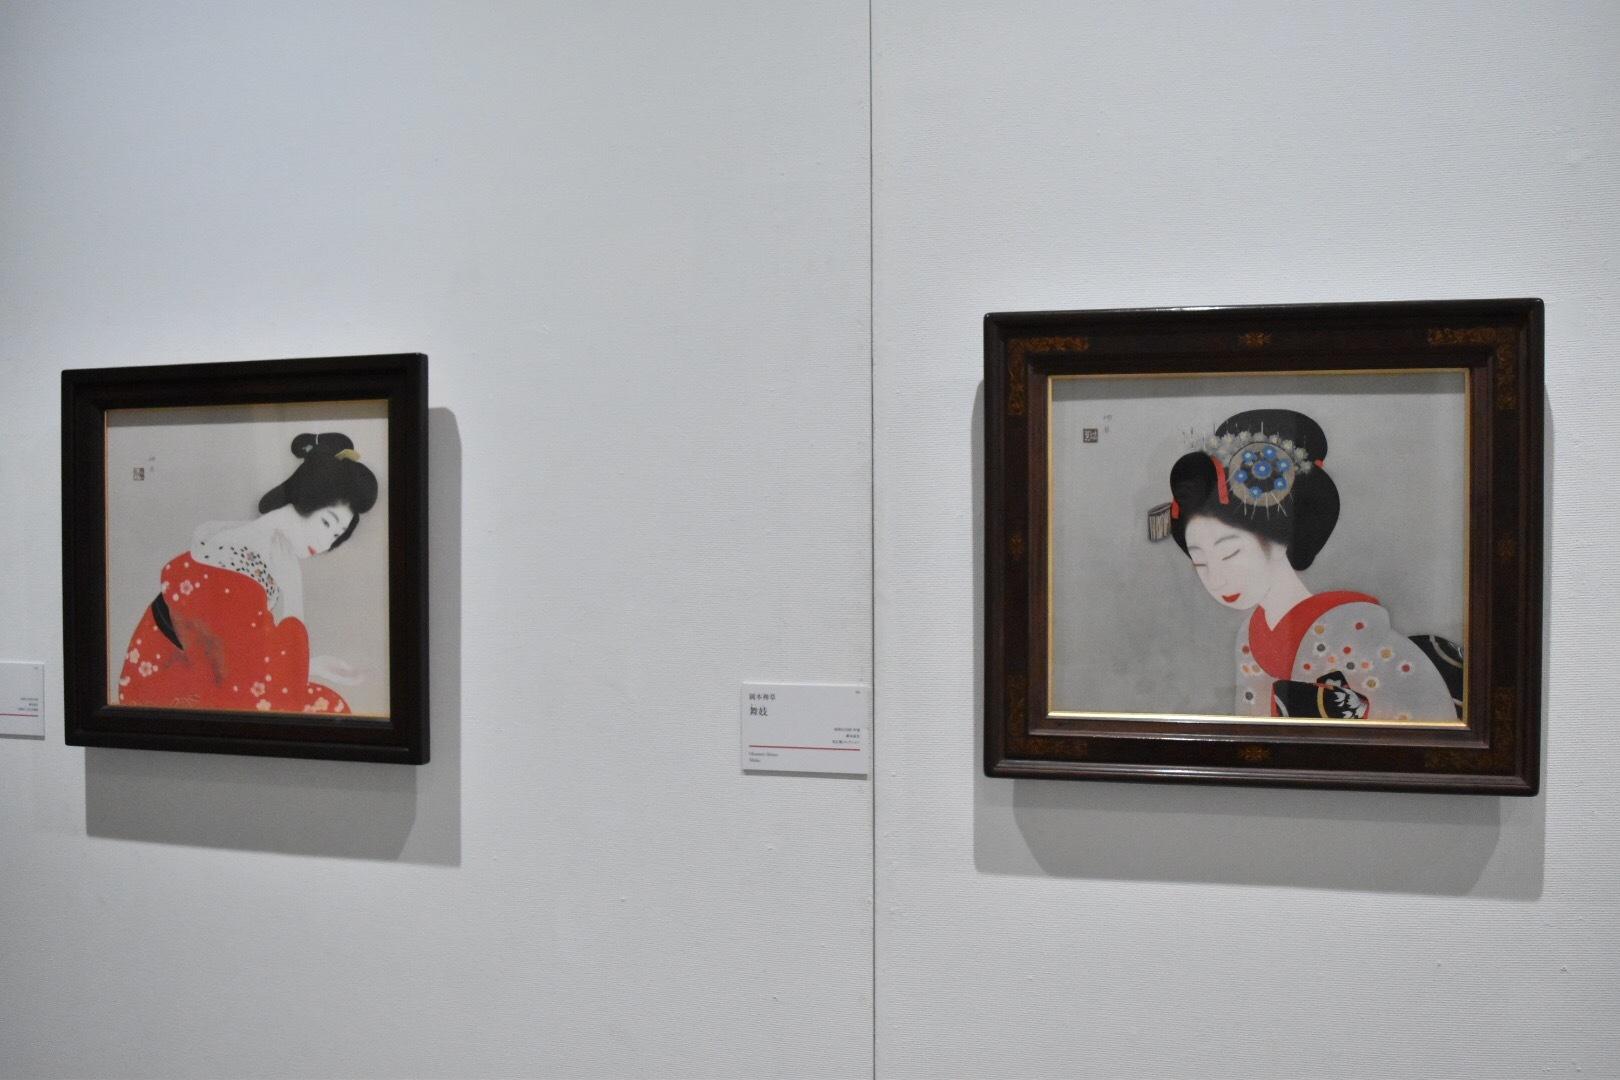 左:岡本神草 《化粧》 昭和3(1928)年頃 京都国立近代美術館 右:岡本神草 《舞妓》 昭和3(1928)年頃 培広庵コレクション